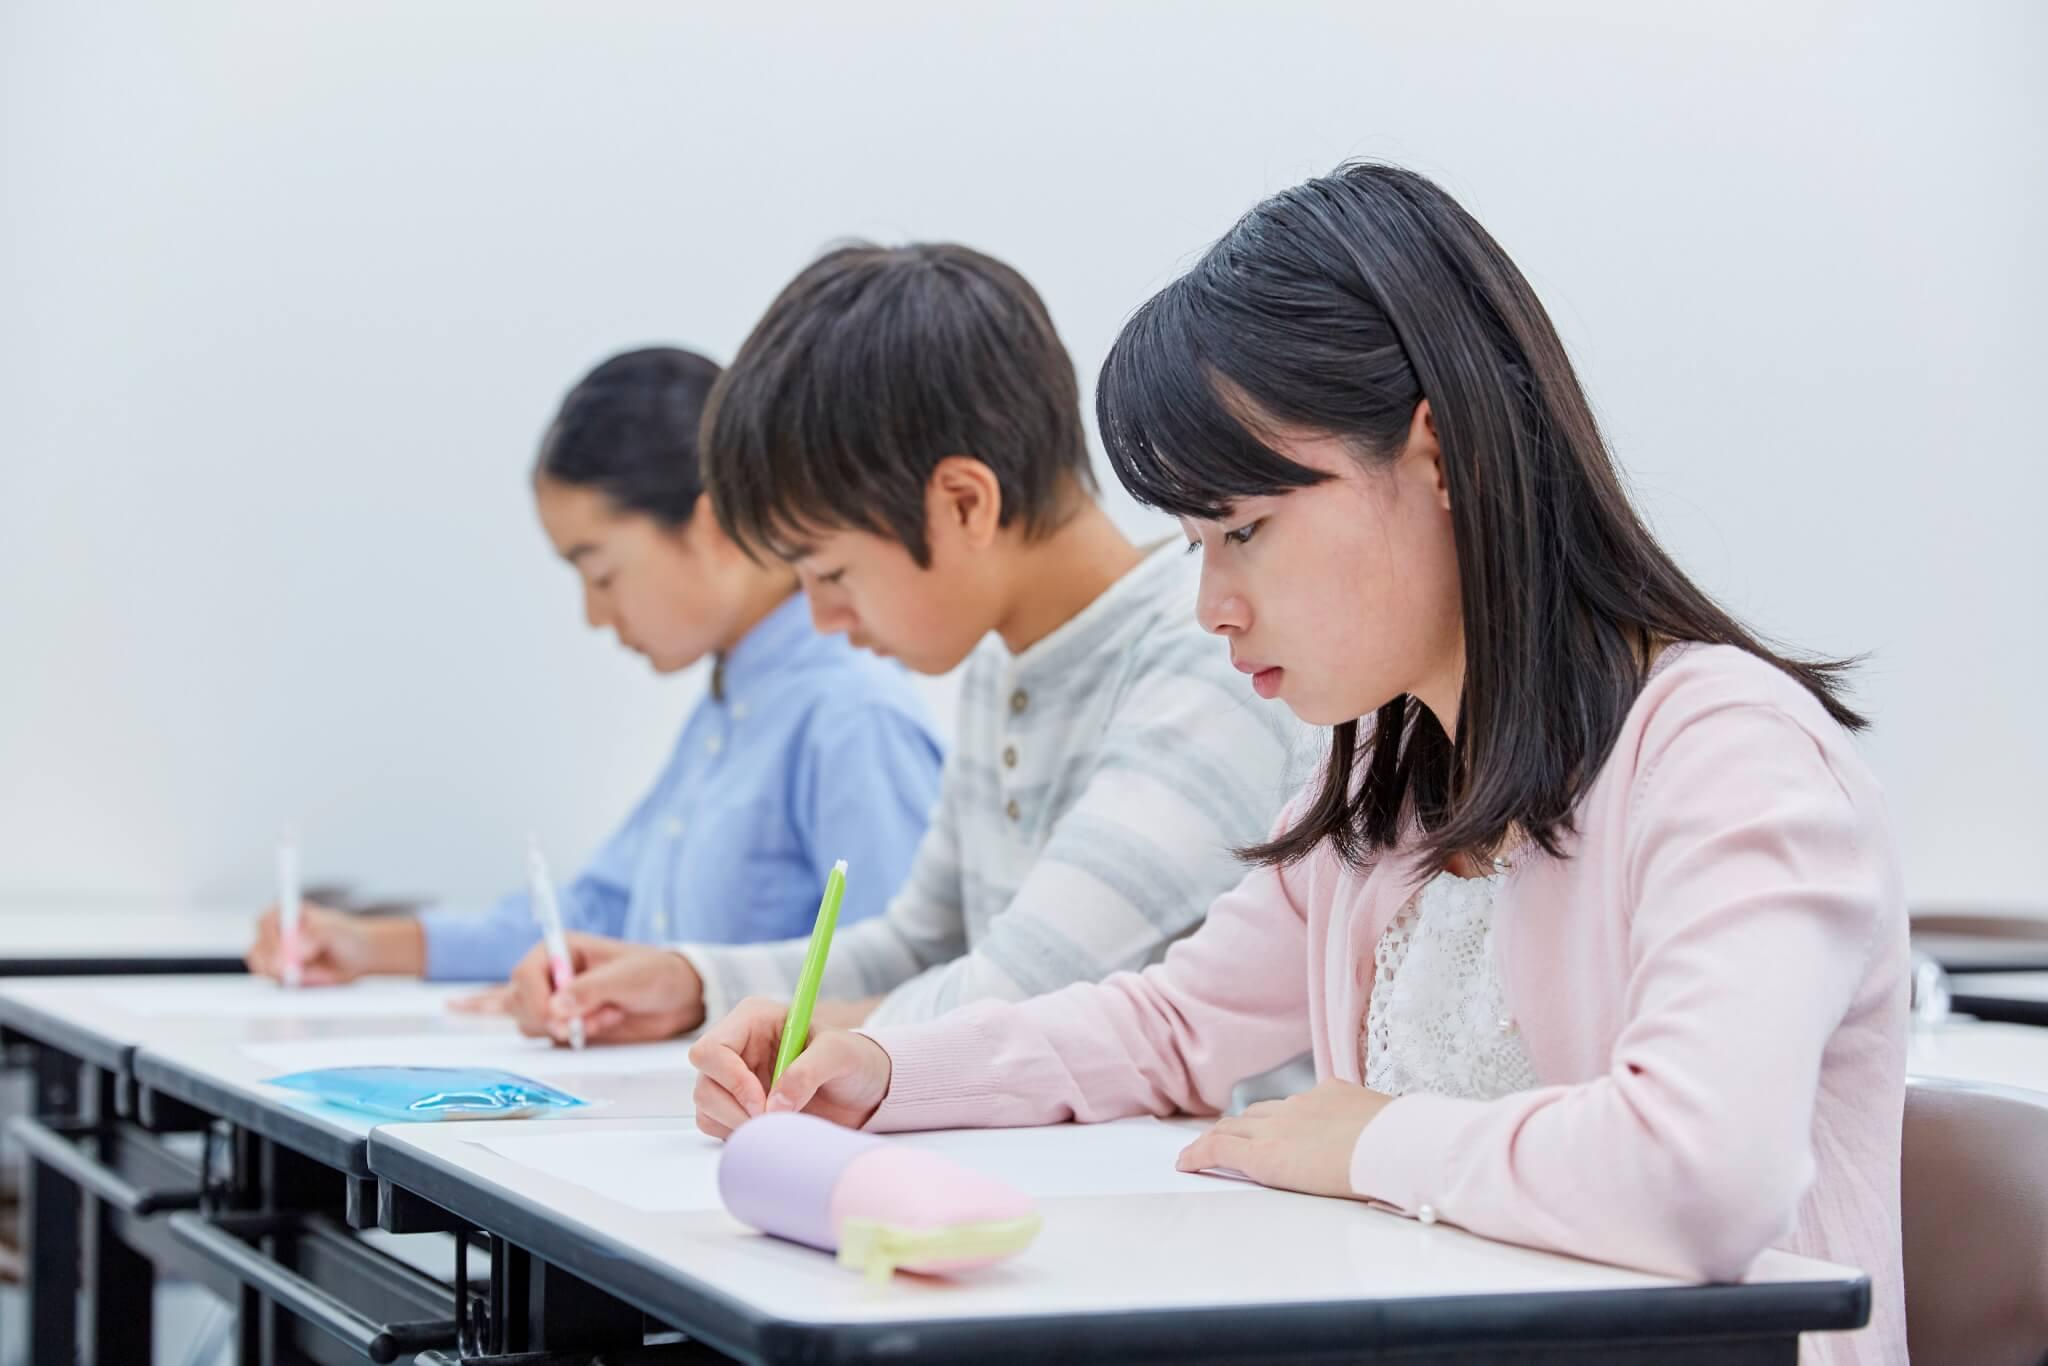 おすすめのイベントのご案内 – Z会進学教室(関西圏) 小学生